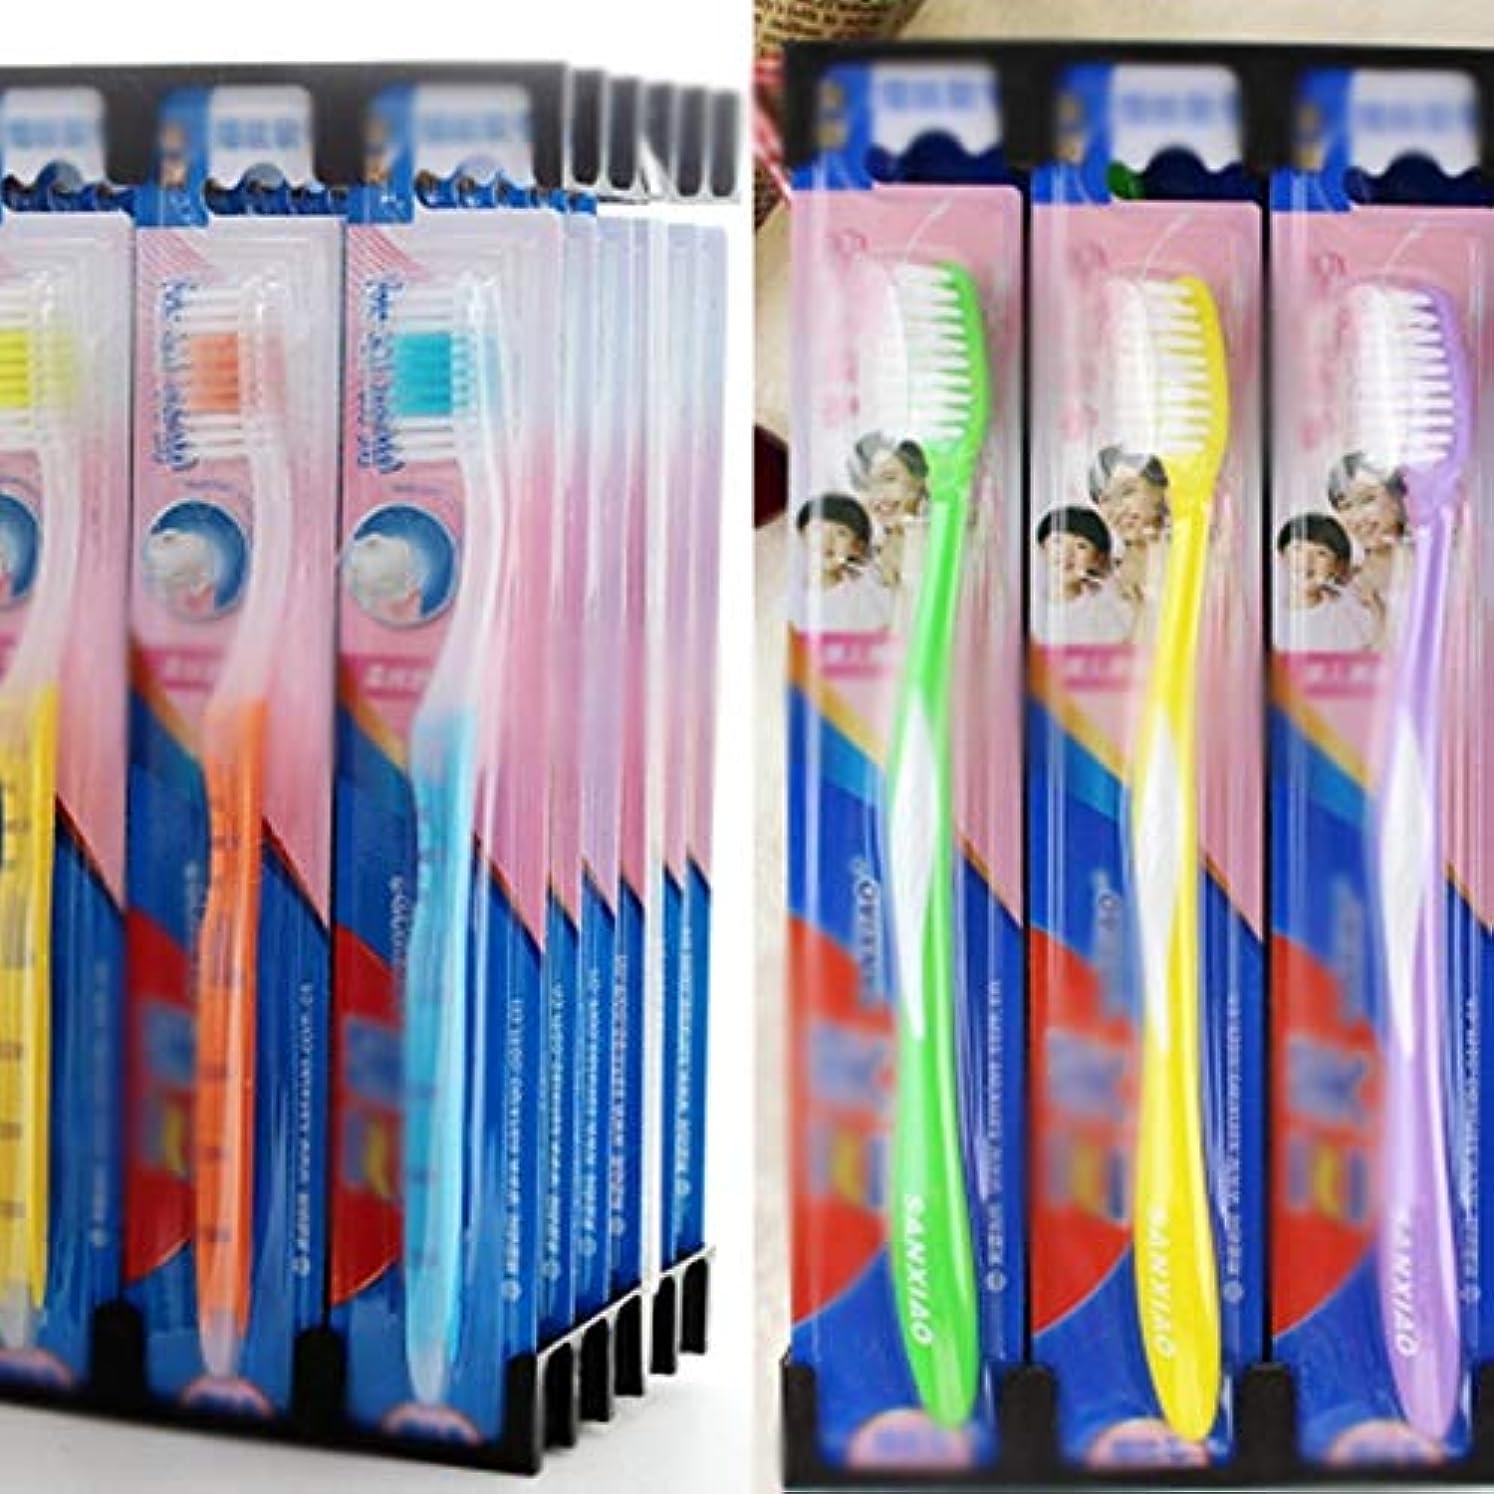 識別するリビングルーム途方もない歯ブラシ 30パック歯ブラシ、混血歯ブラシ、ファミリーパック歯ブラシ - 使用可能なスタイルの3種類 KHL (色 : B, サイズ : 30 packs)